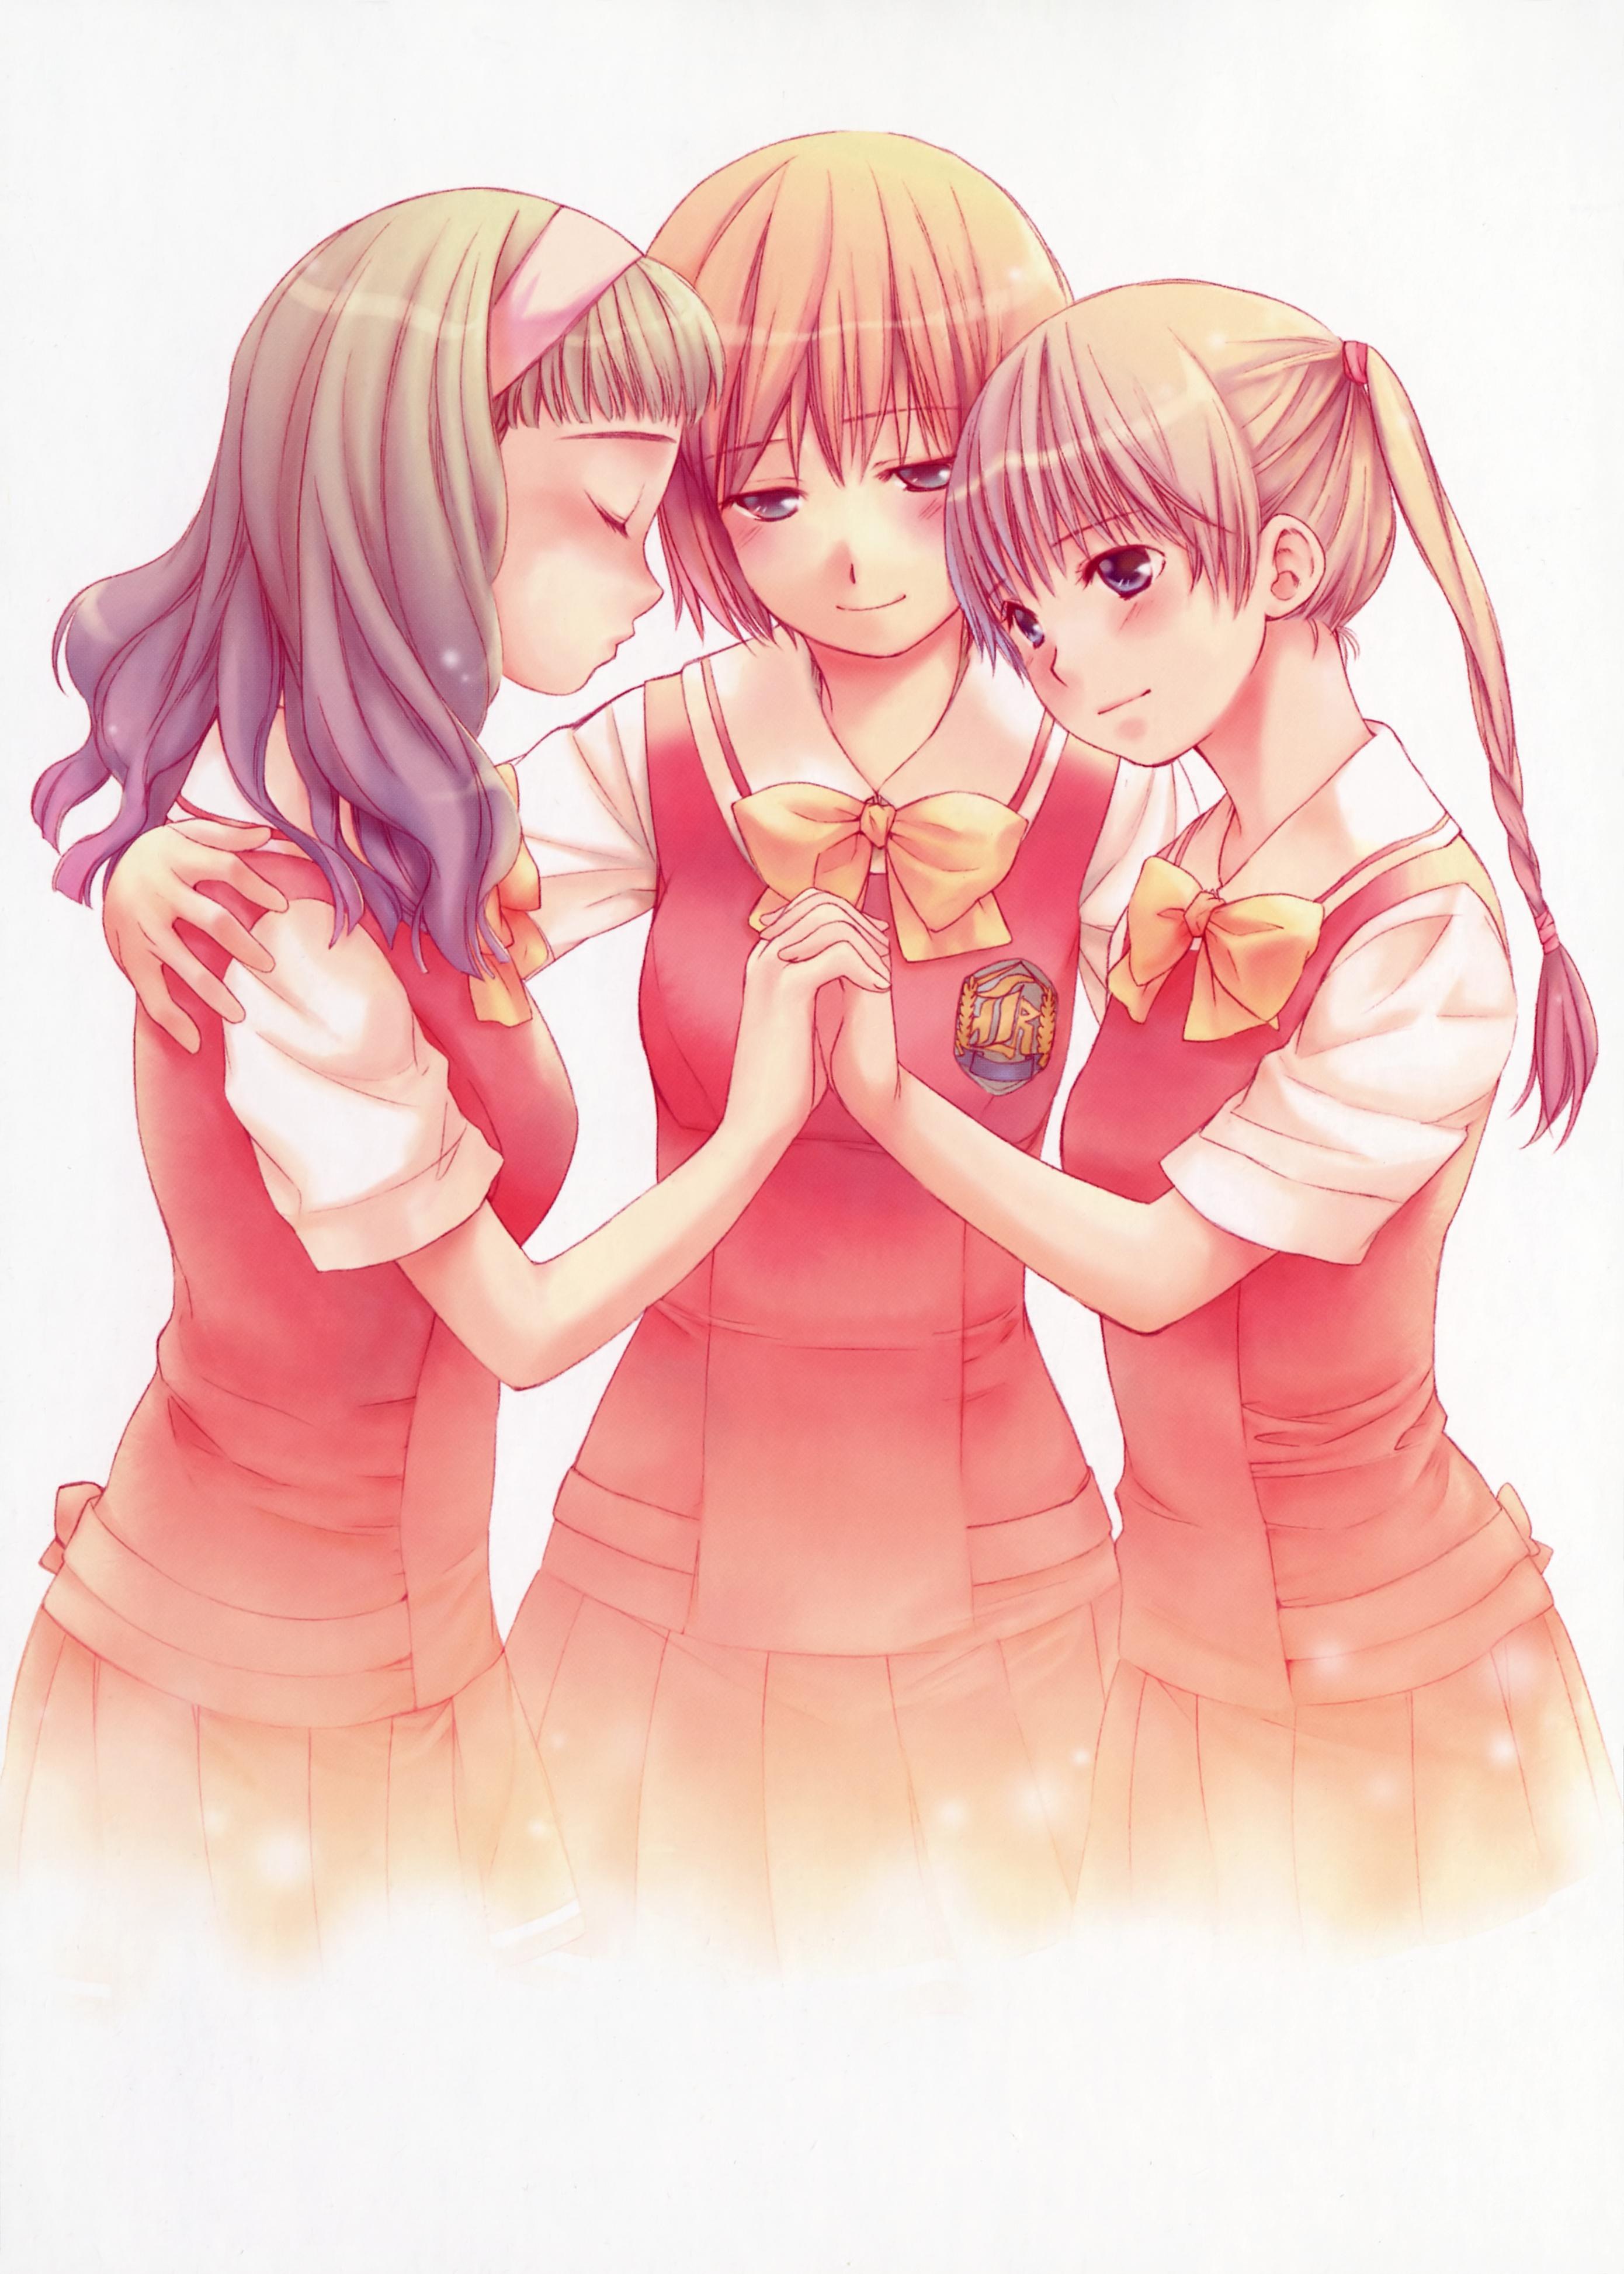 descargar kashimashi girl meet girl Kashimashi je seriál jenž popisuje složité zápletky holčičího milostného trojúhelhíku a působení dvou mimozemšťanů na zemi, kteří chtějí zjistit jak funguje.